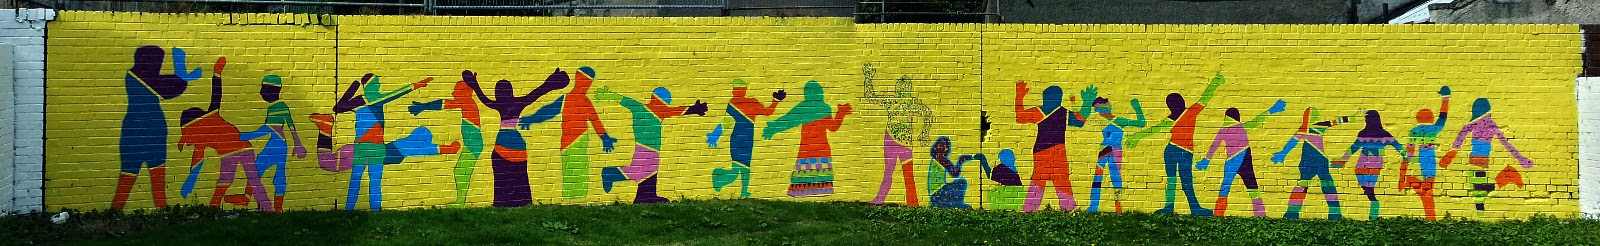 Peoples Mural,Glasgow